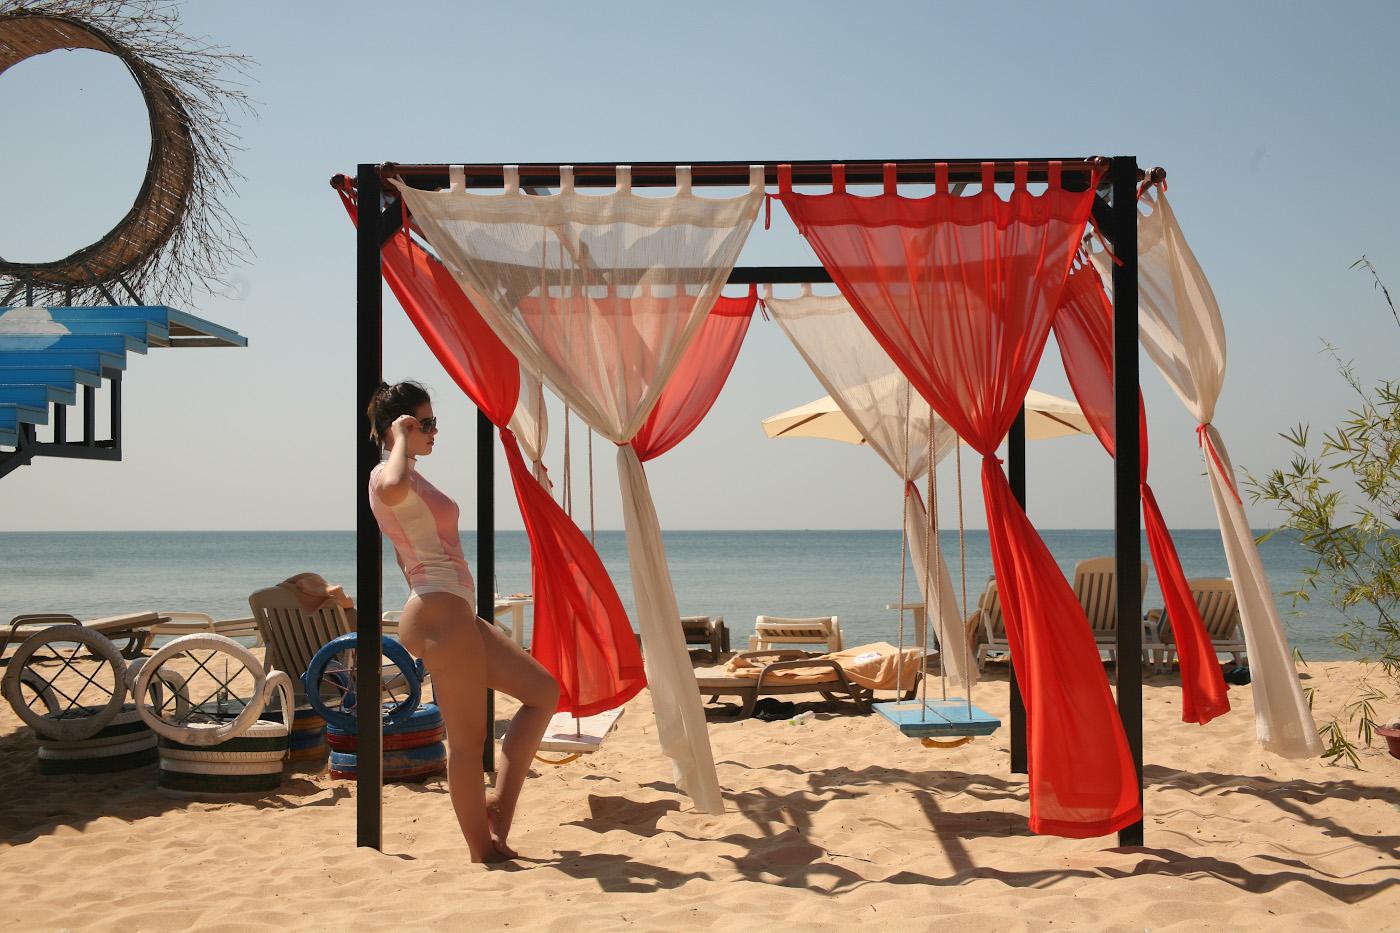 7. Фотосессия в одном из баров на пляже Лонг-бич на острове Фукуок во Вьетнаме. Отзывы туристов об отдыхе в январе.